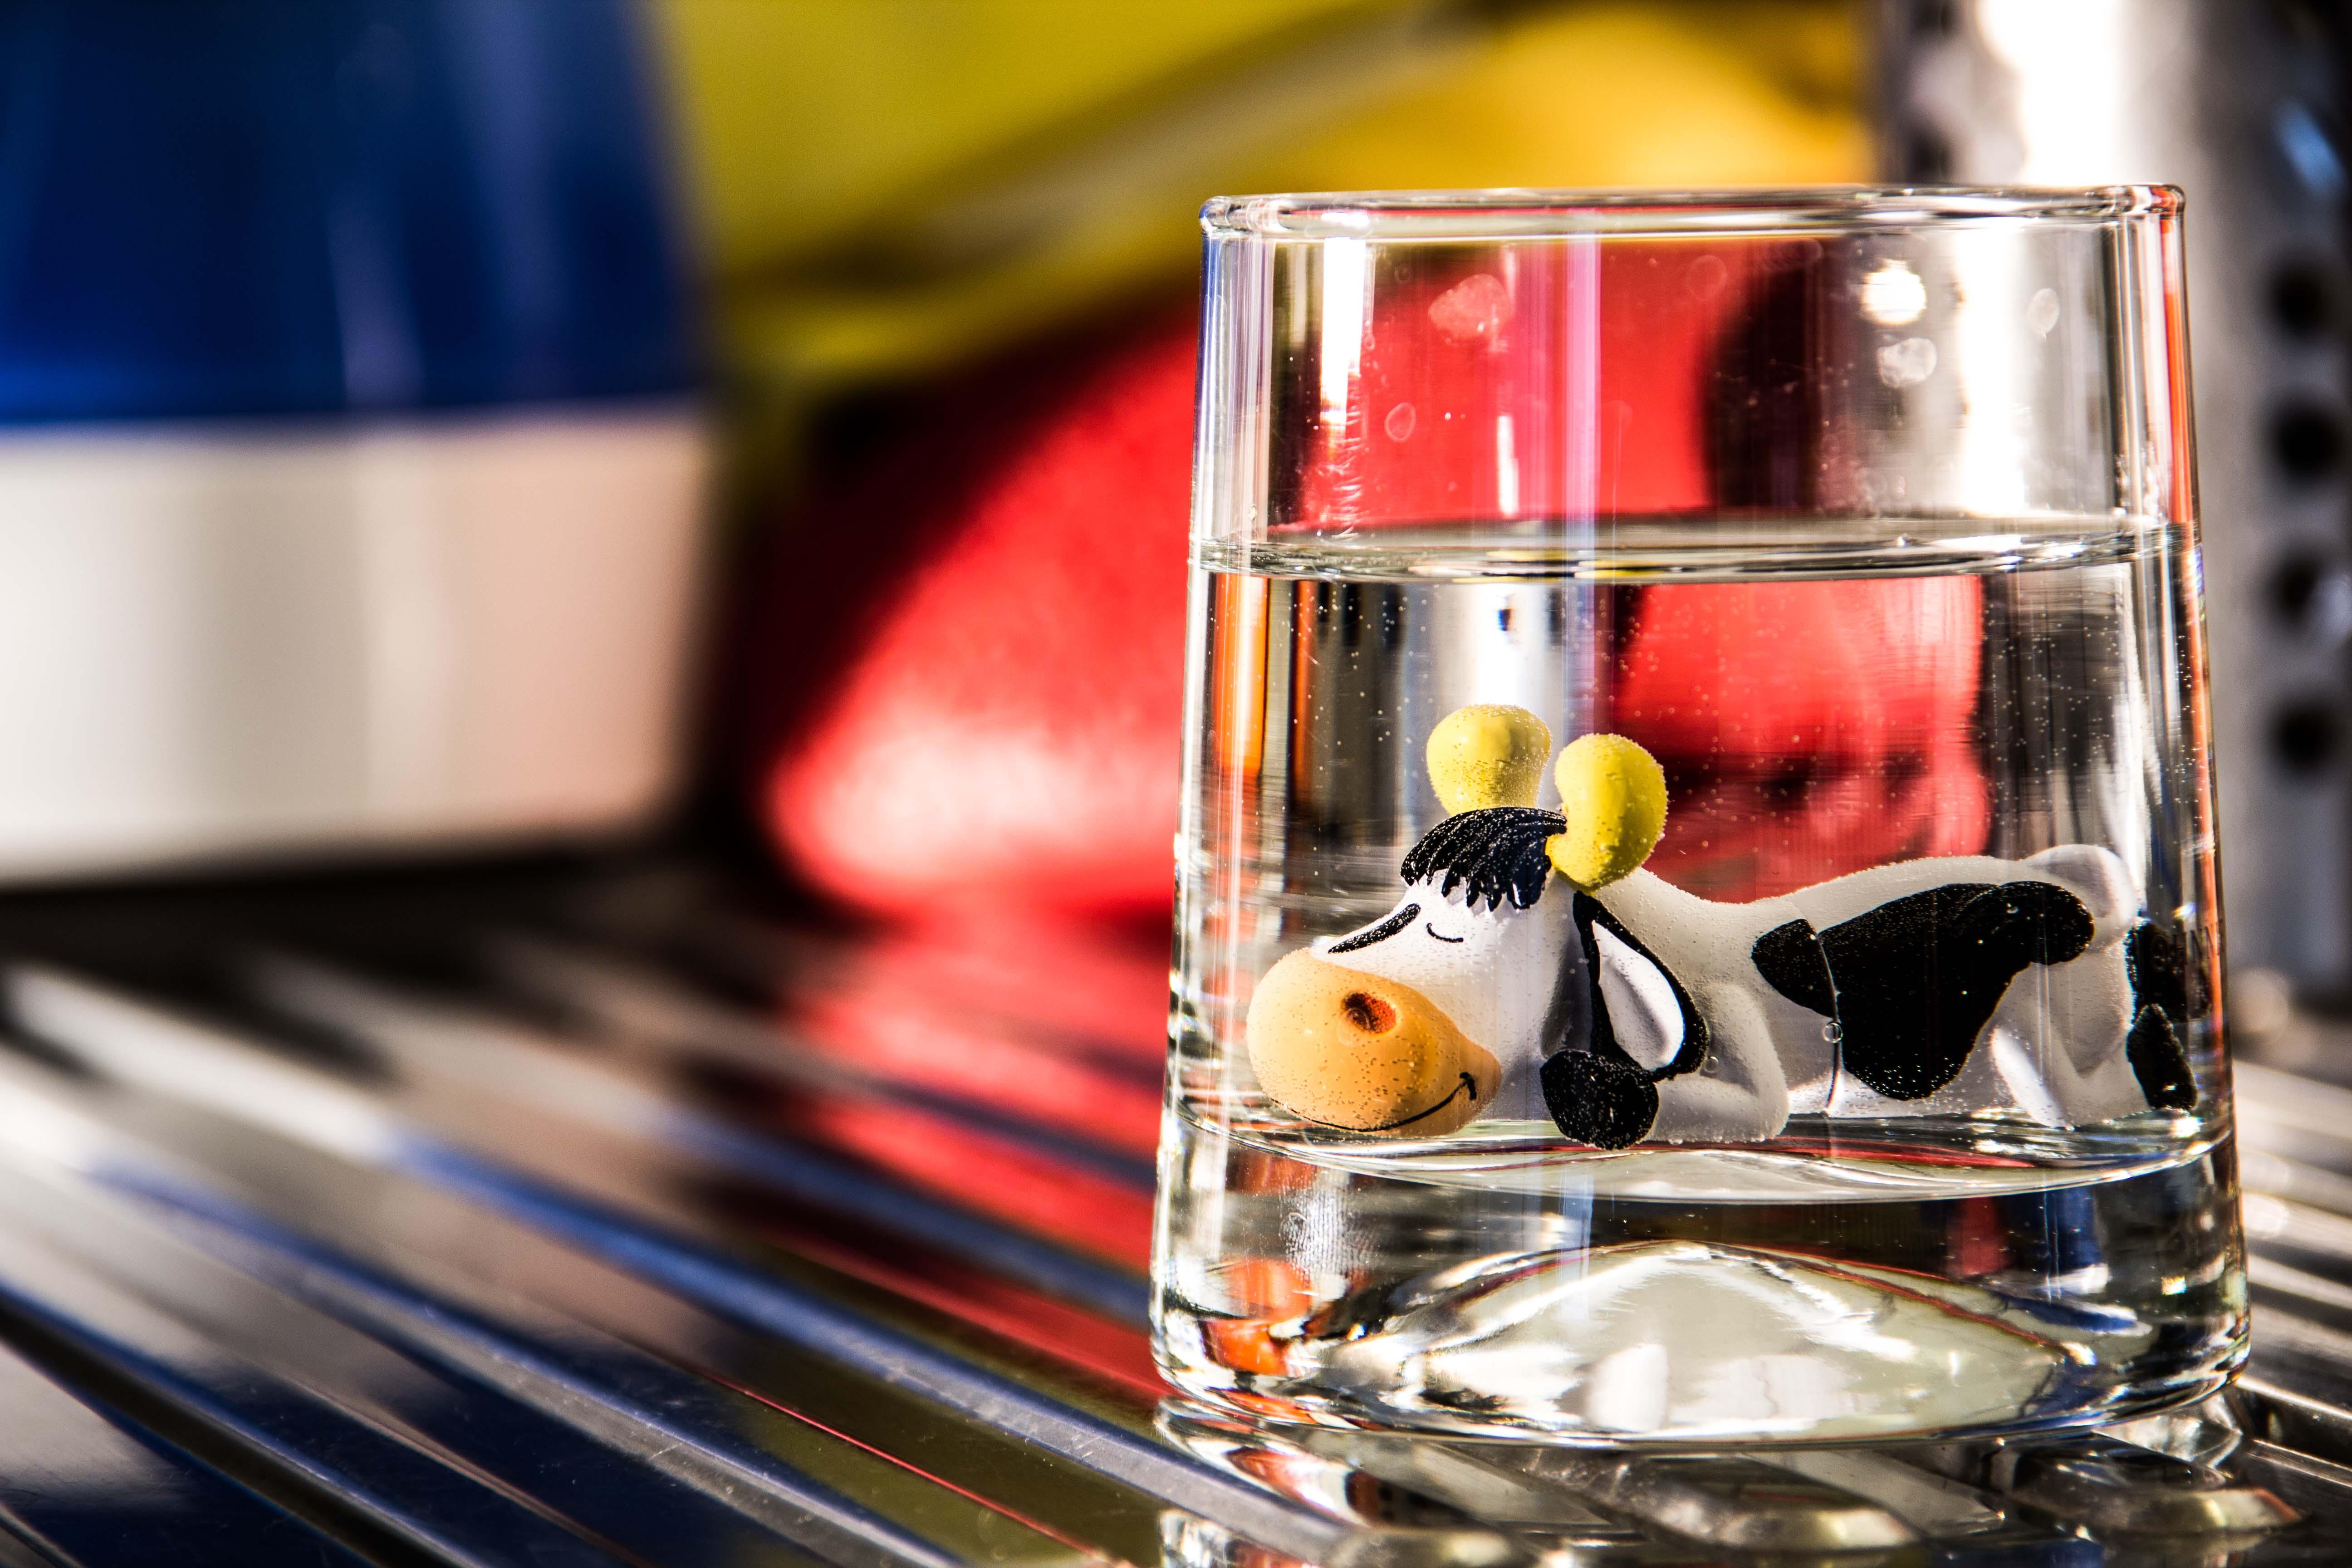 Après avoir regardé une émission sur la plongée en apnée, Hector a voulu tester combien de temps il pouvait tenir sous l'eau.  457 jours plus tard, rongé par l'ennui, Hector a abandonné.